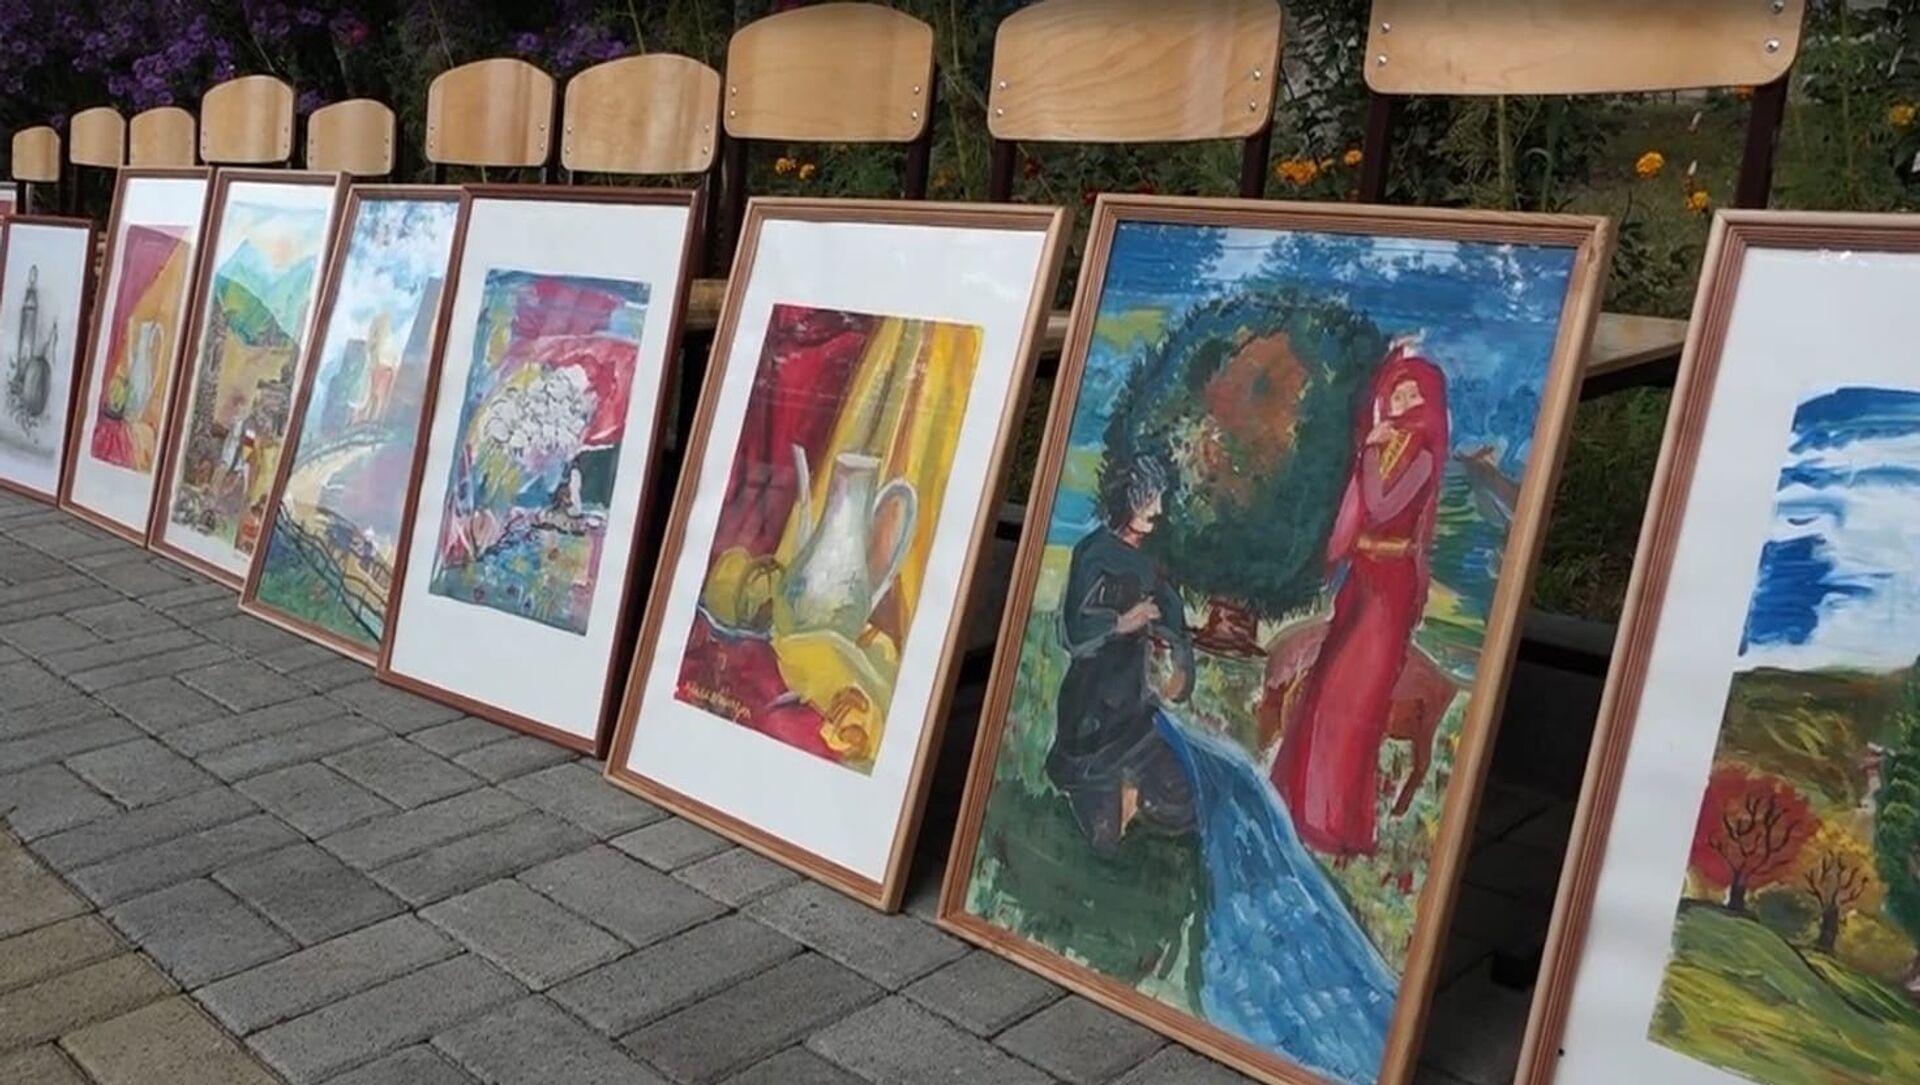 Юные художники из села Хетагурово представили свои работы в Ленингоре - Sputnik Южная Осетия, 1920, 21.09.2021